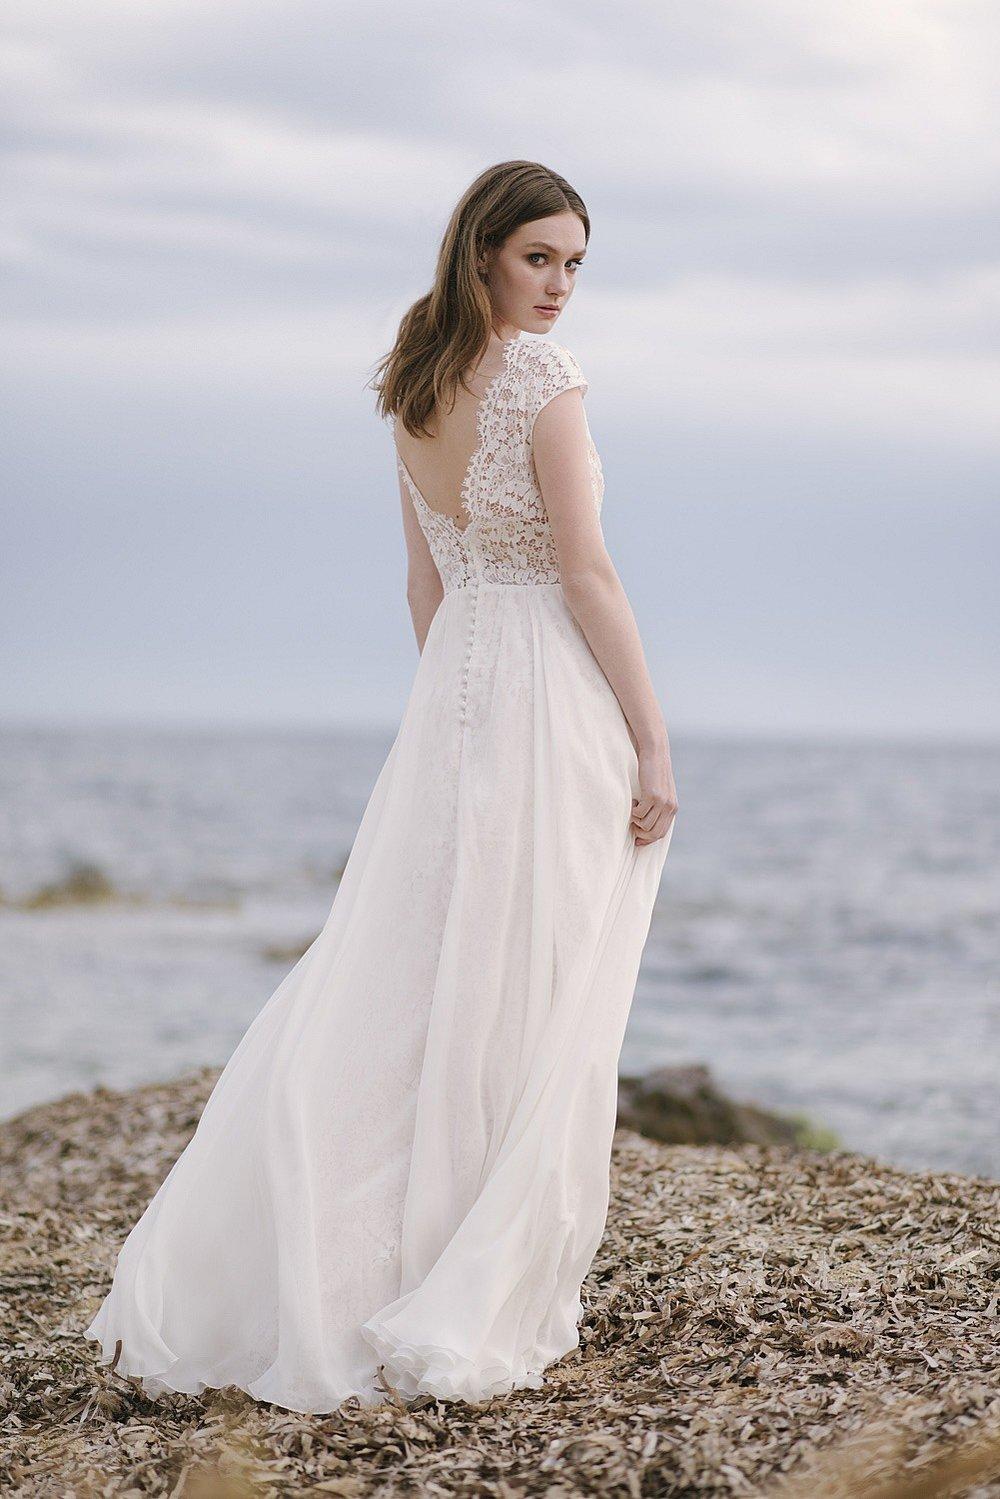 Romantisches Hochzeitskleid Chiffon